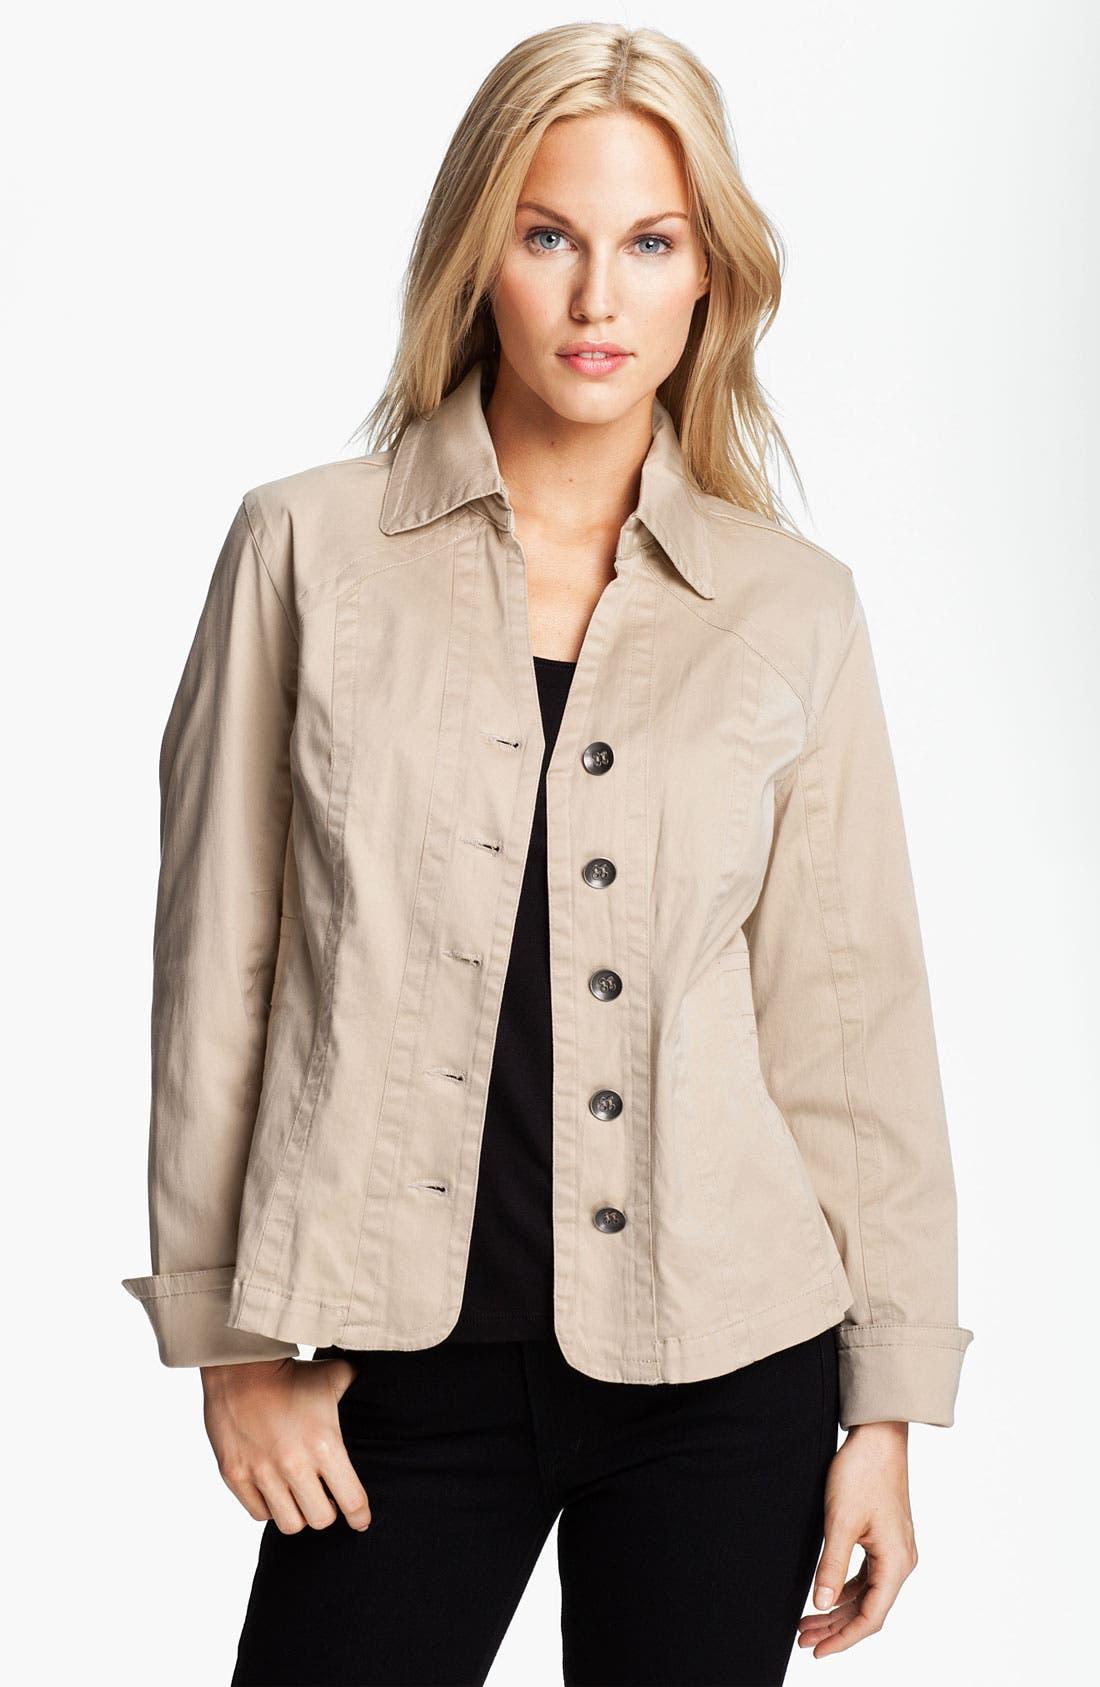 Alternate Image 1 Selected - Tria Pleat Hem Twill Jacket